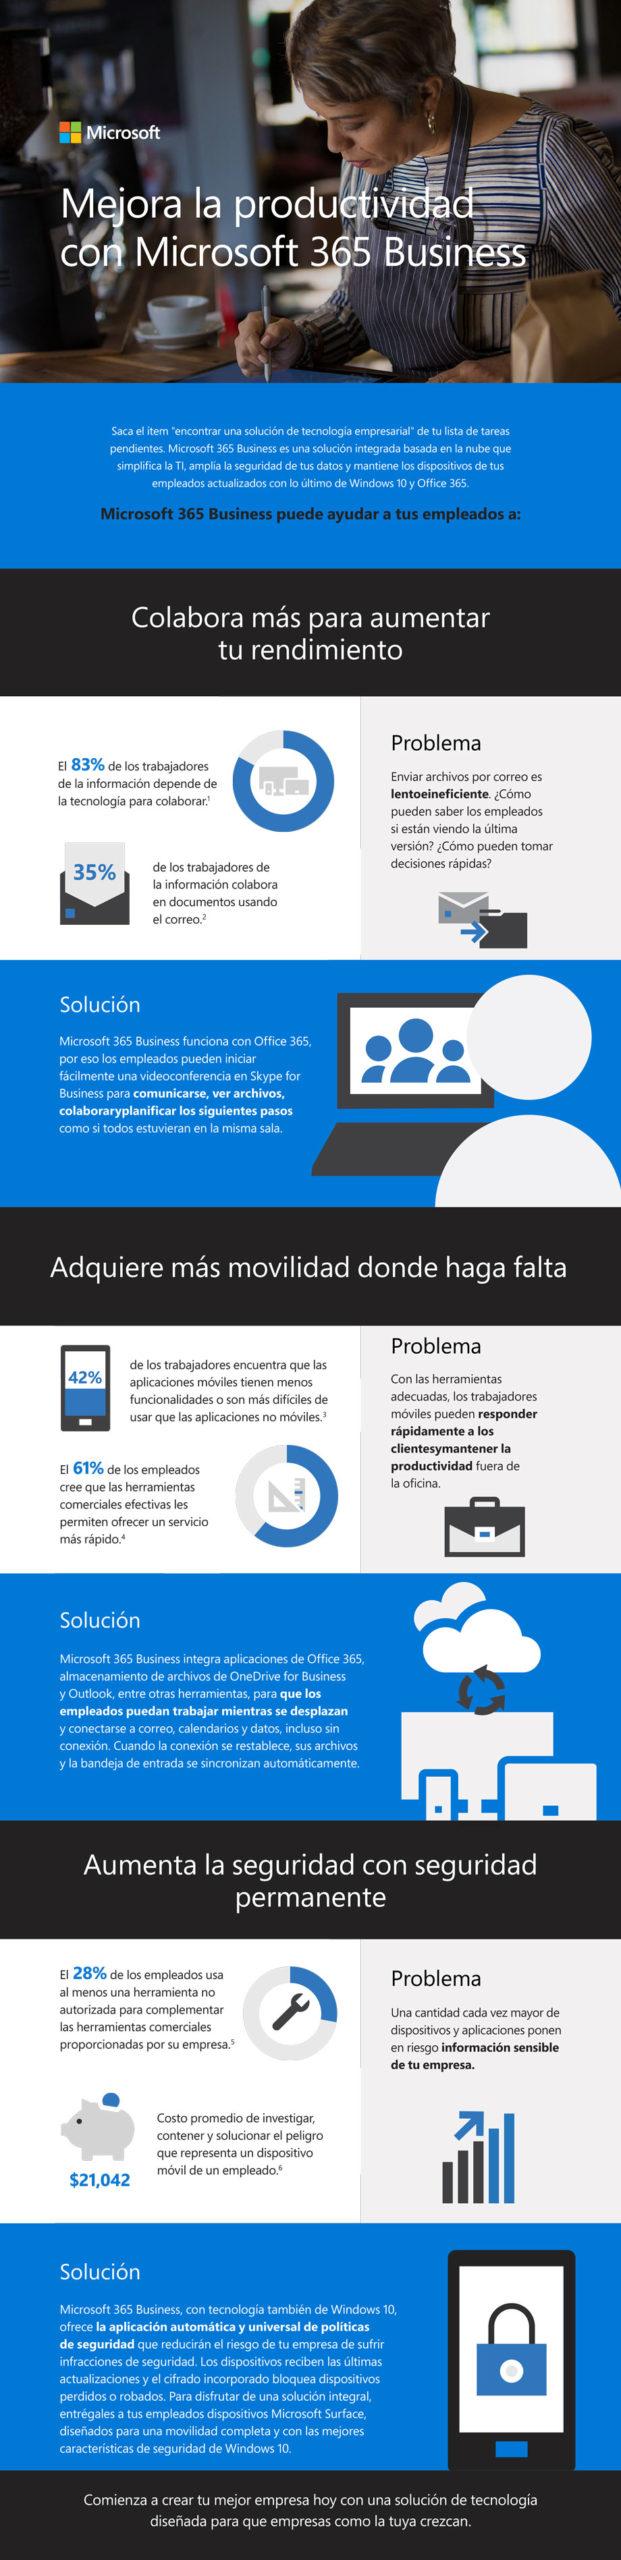 Soluciones con Microsoft